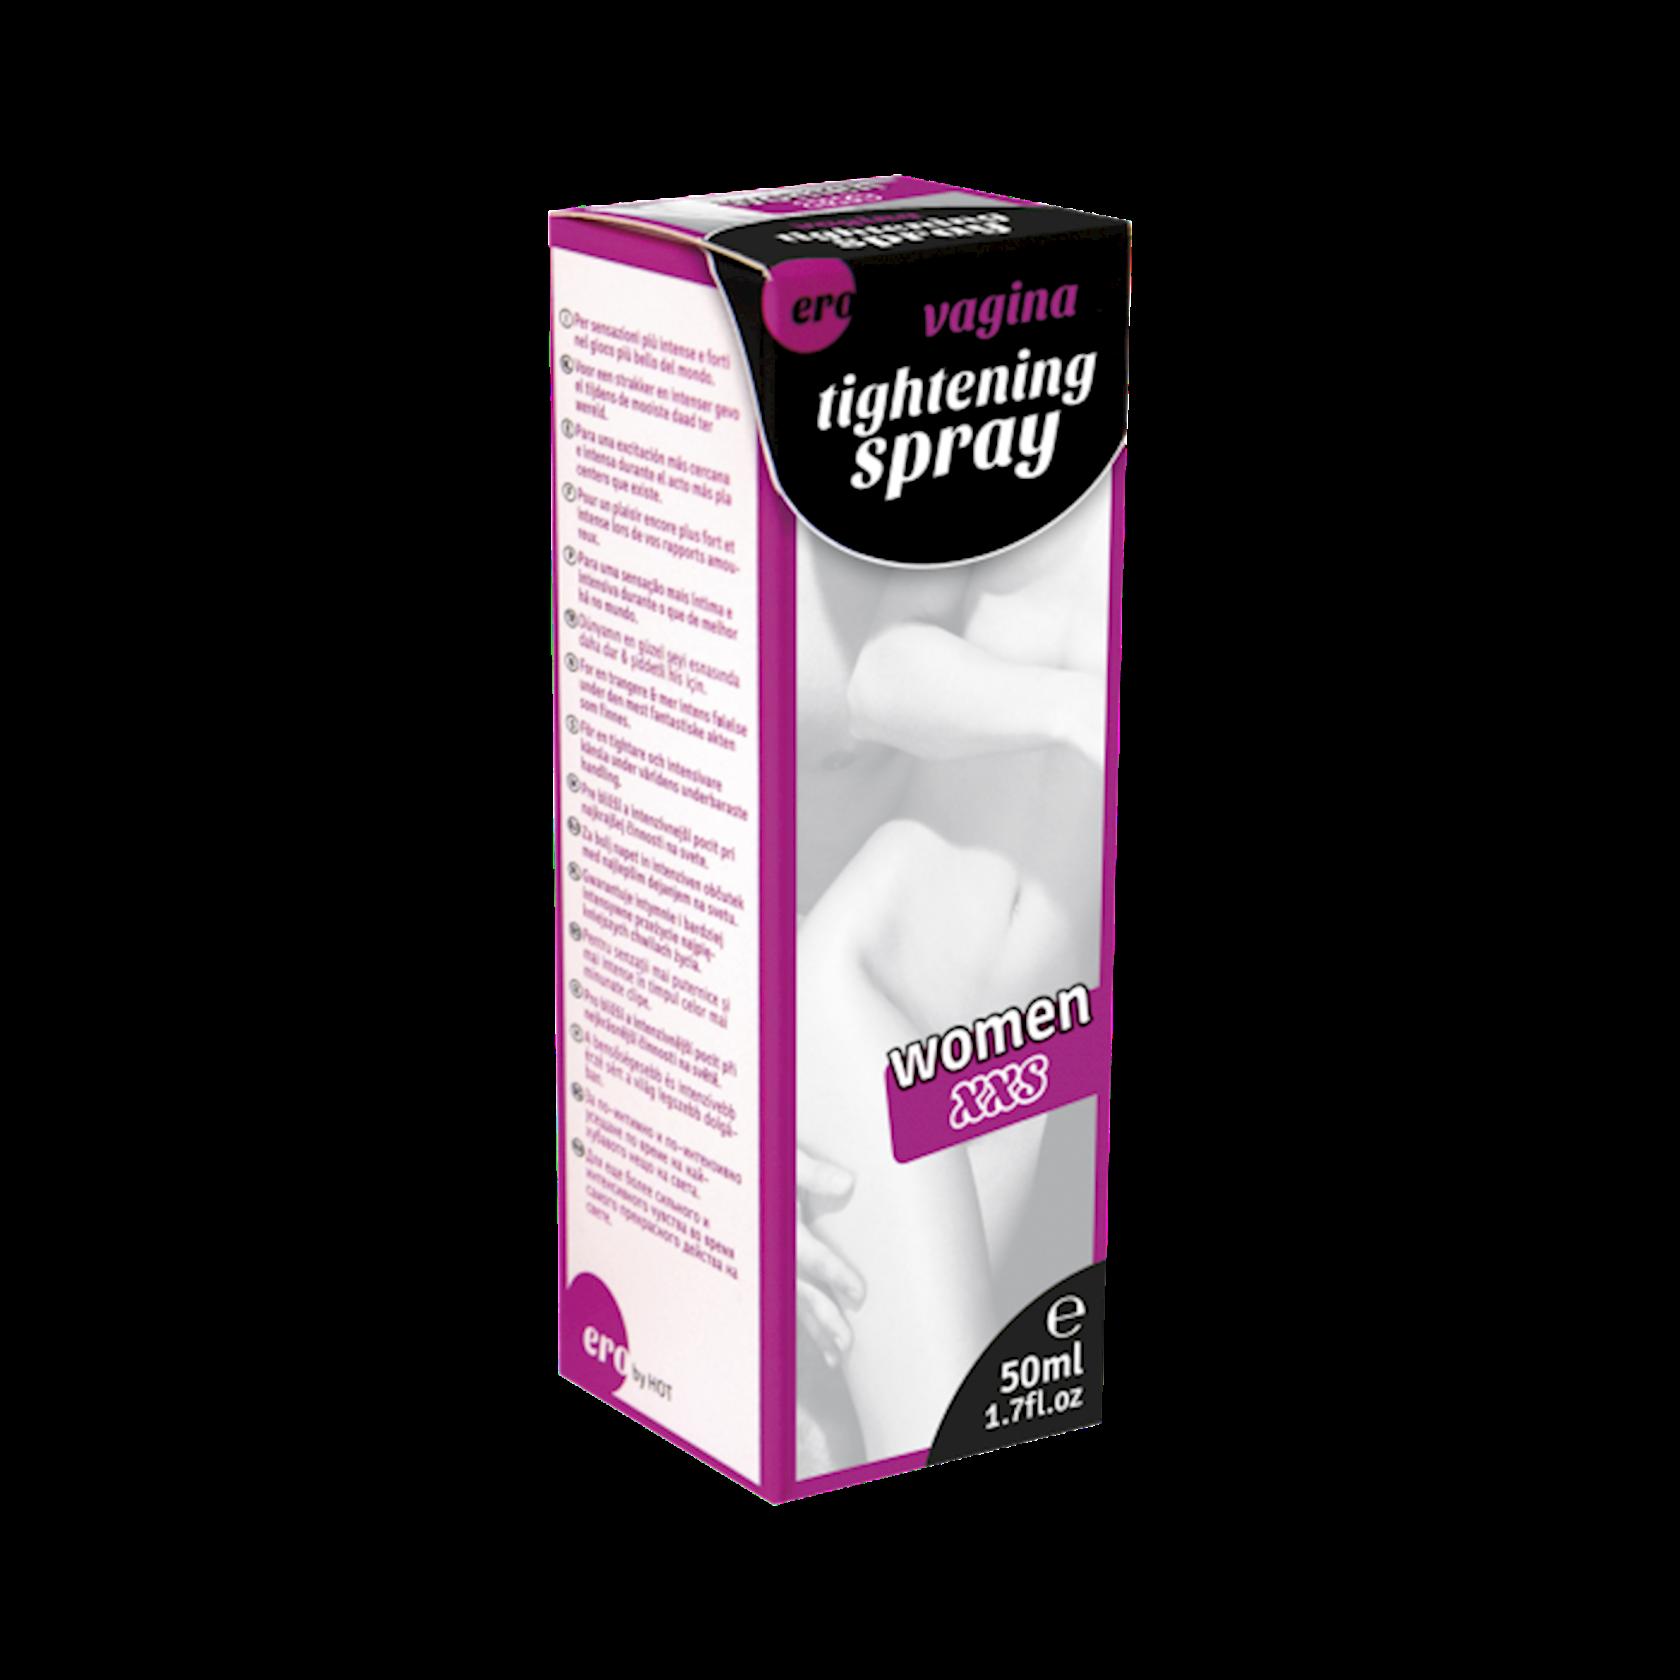 Qadınlar üçün daraldıcı sprey Ero Vagina Tightening Spray 50 ml